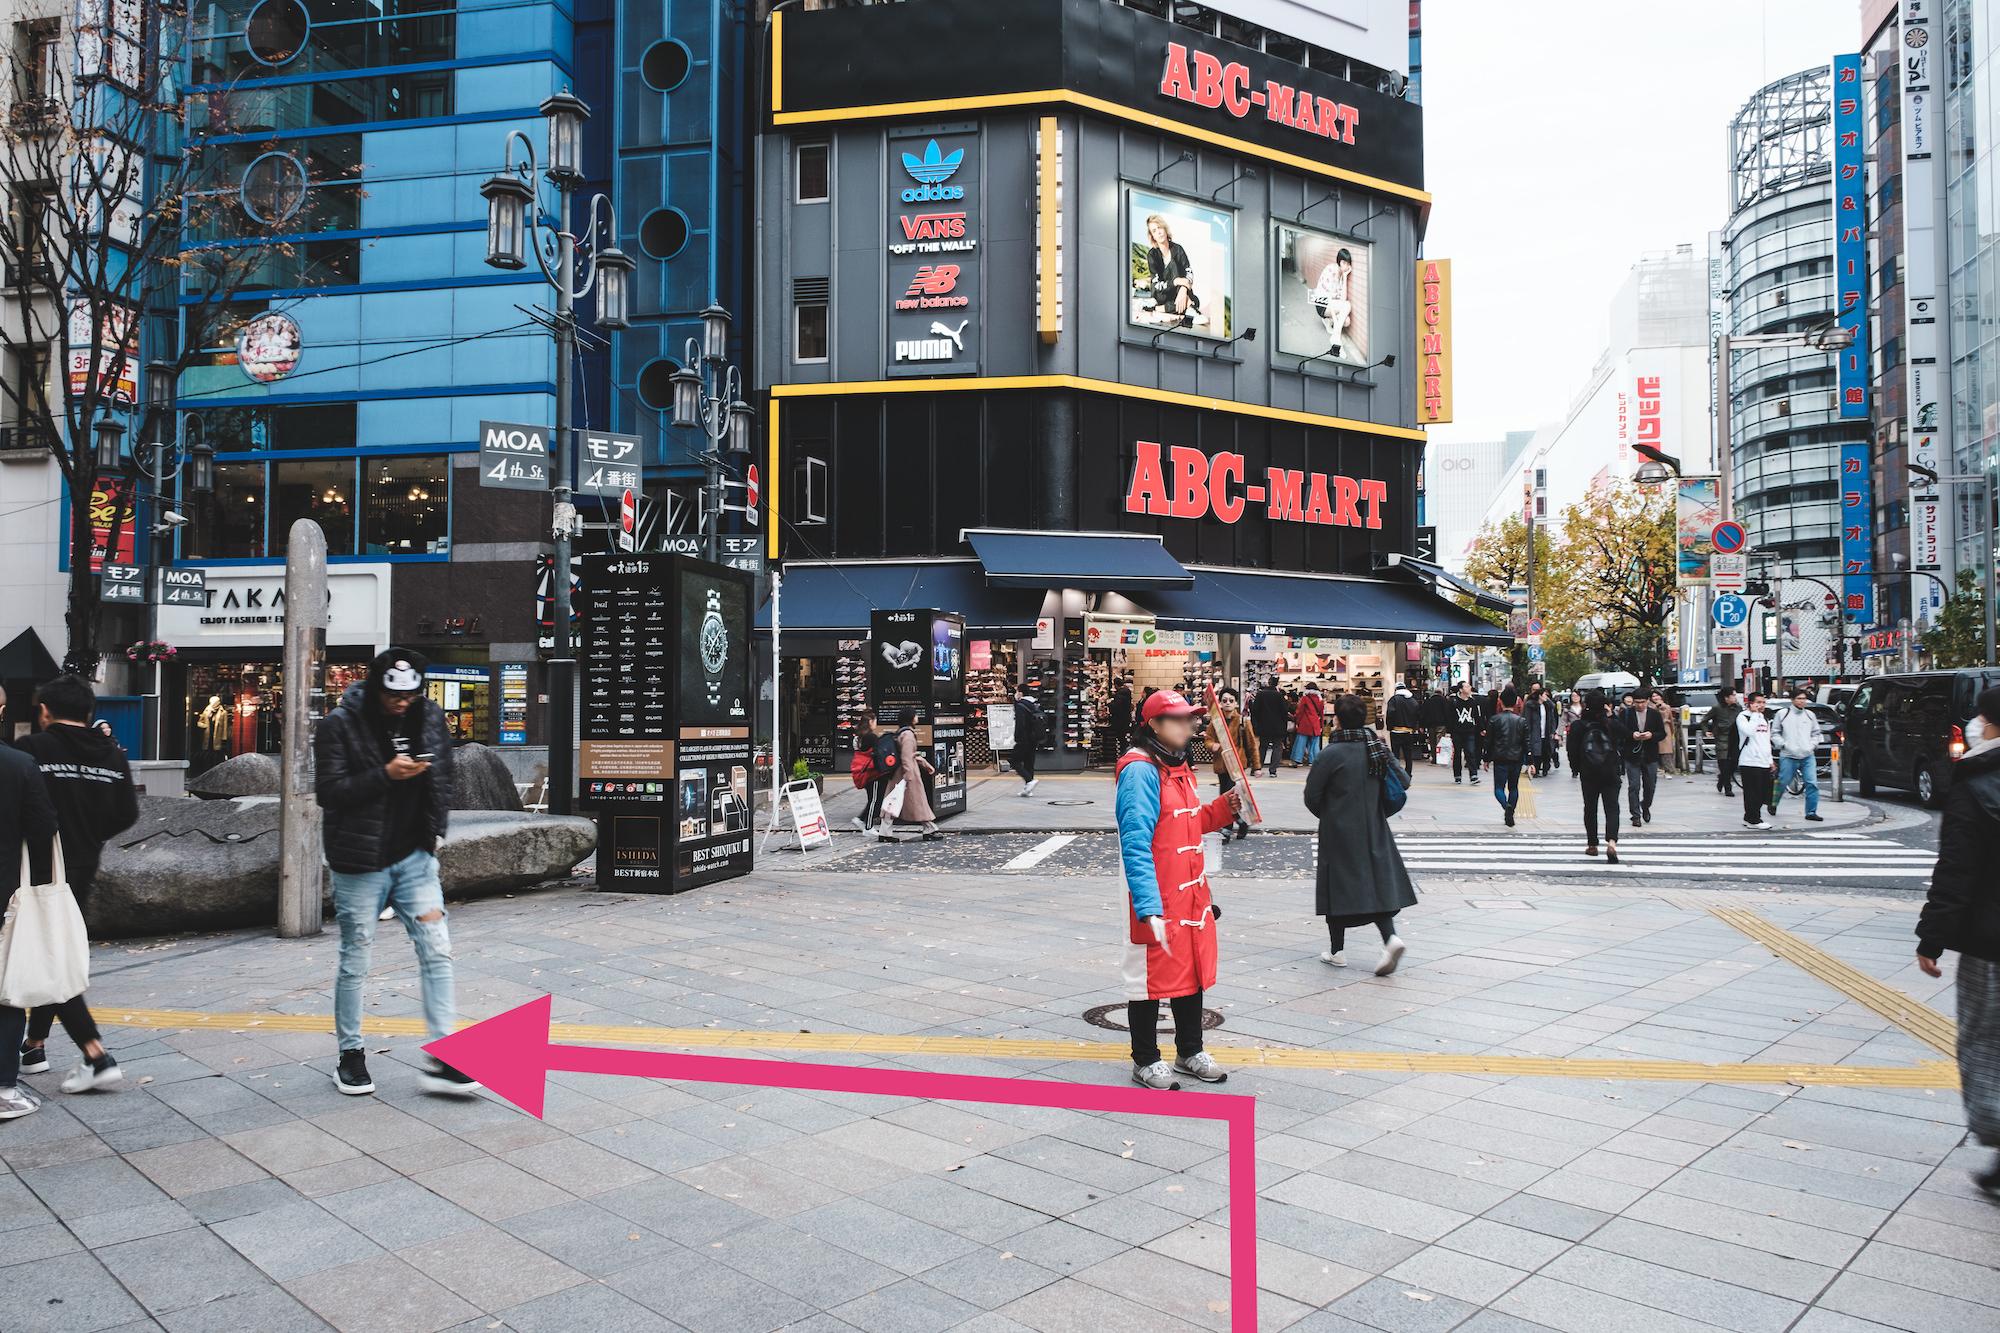 ABC-MARTが見えたら左へ曲がります。